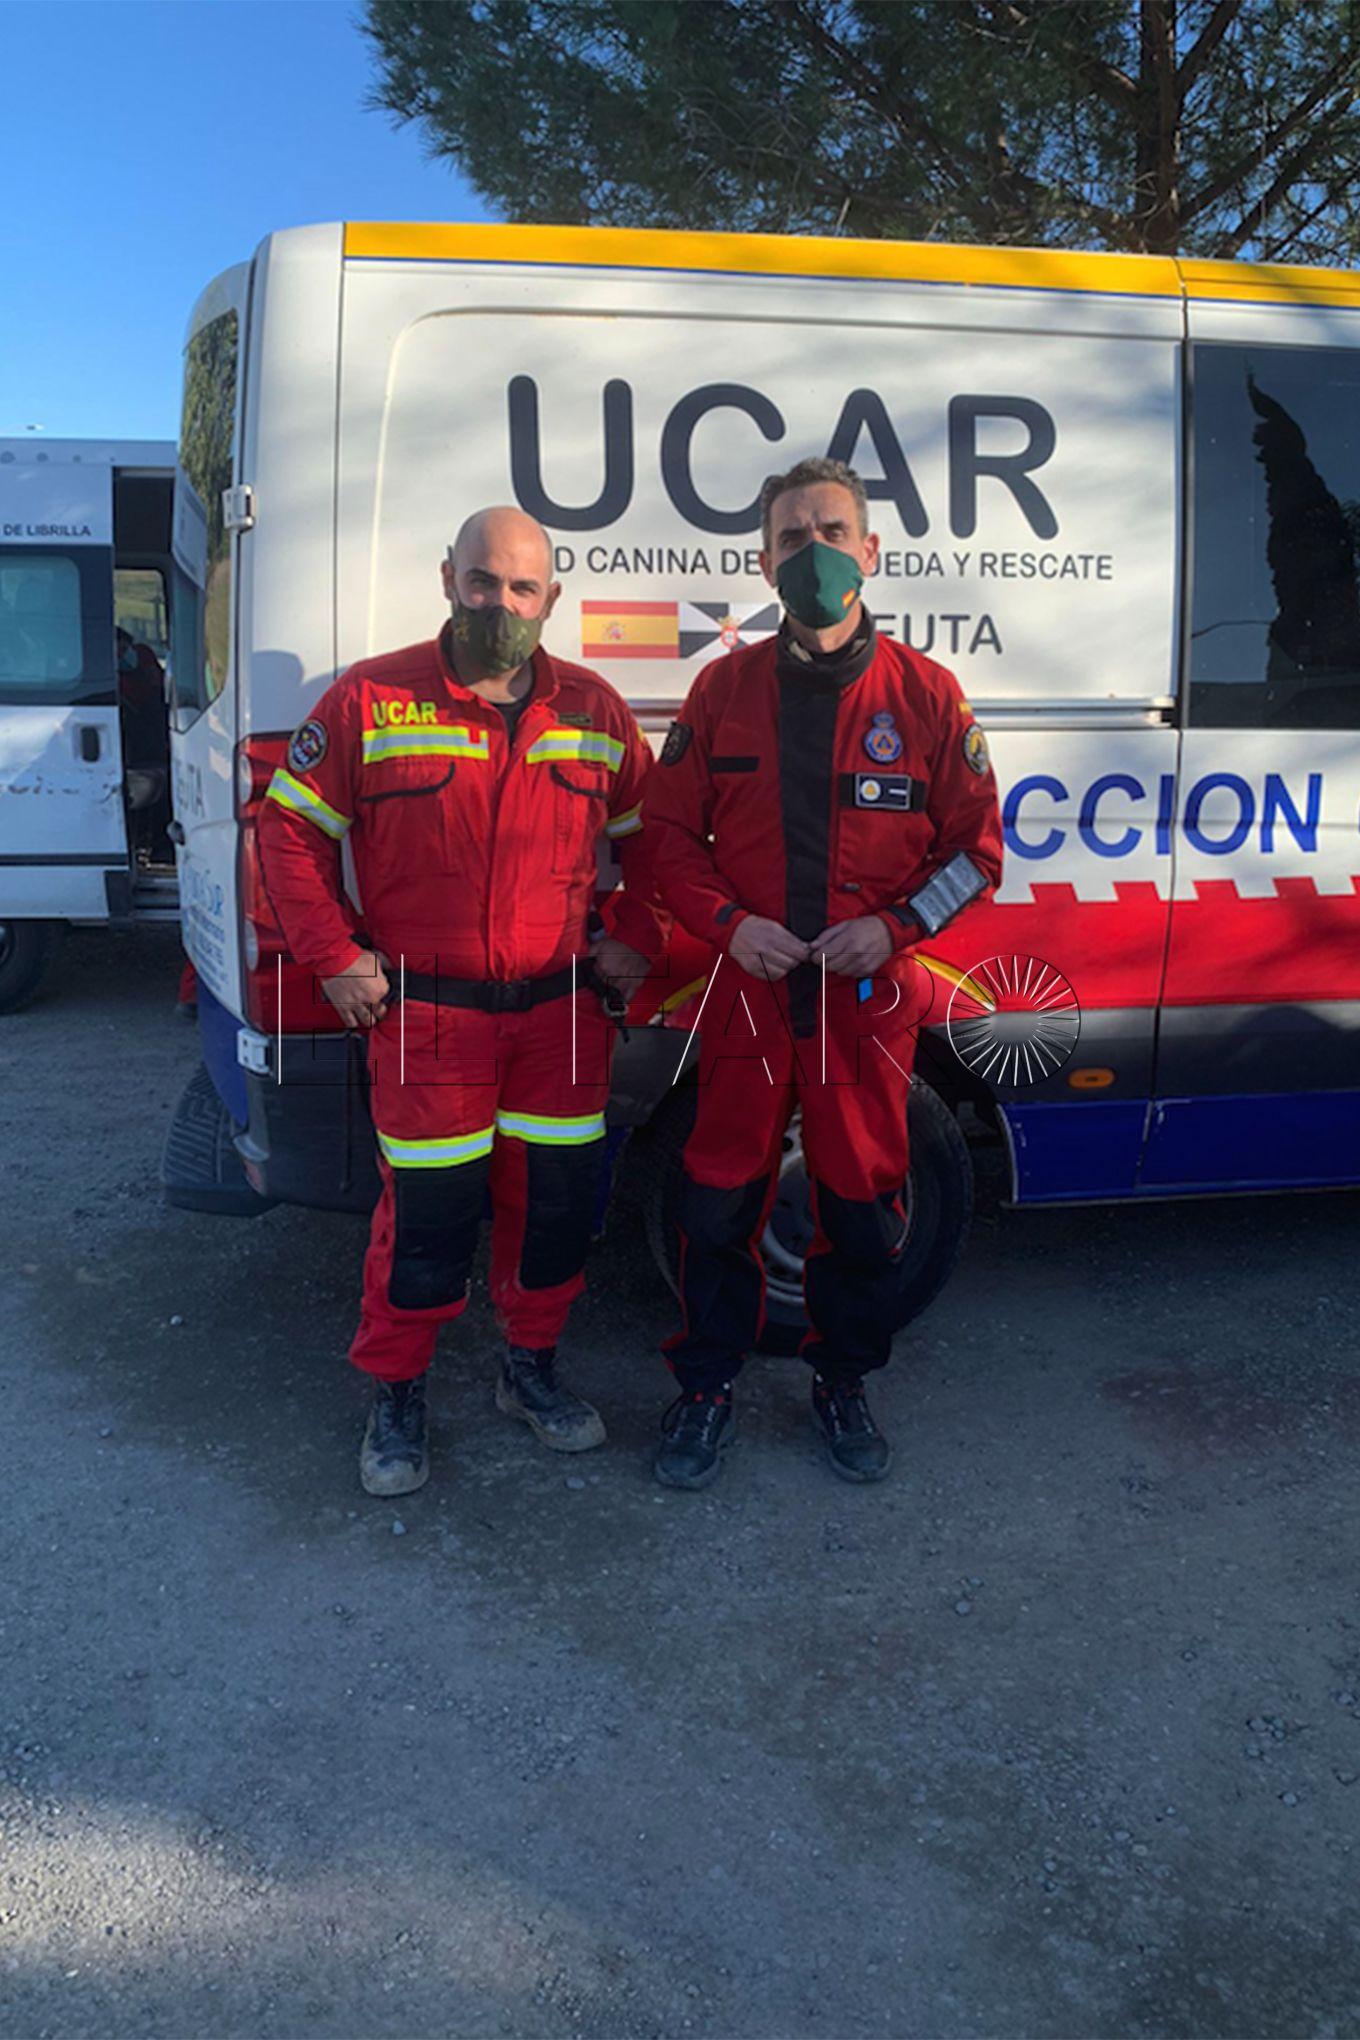 ucar-4